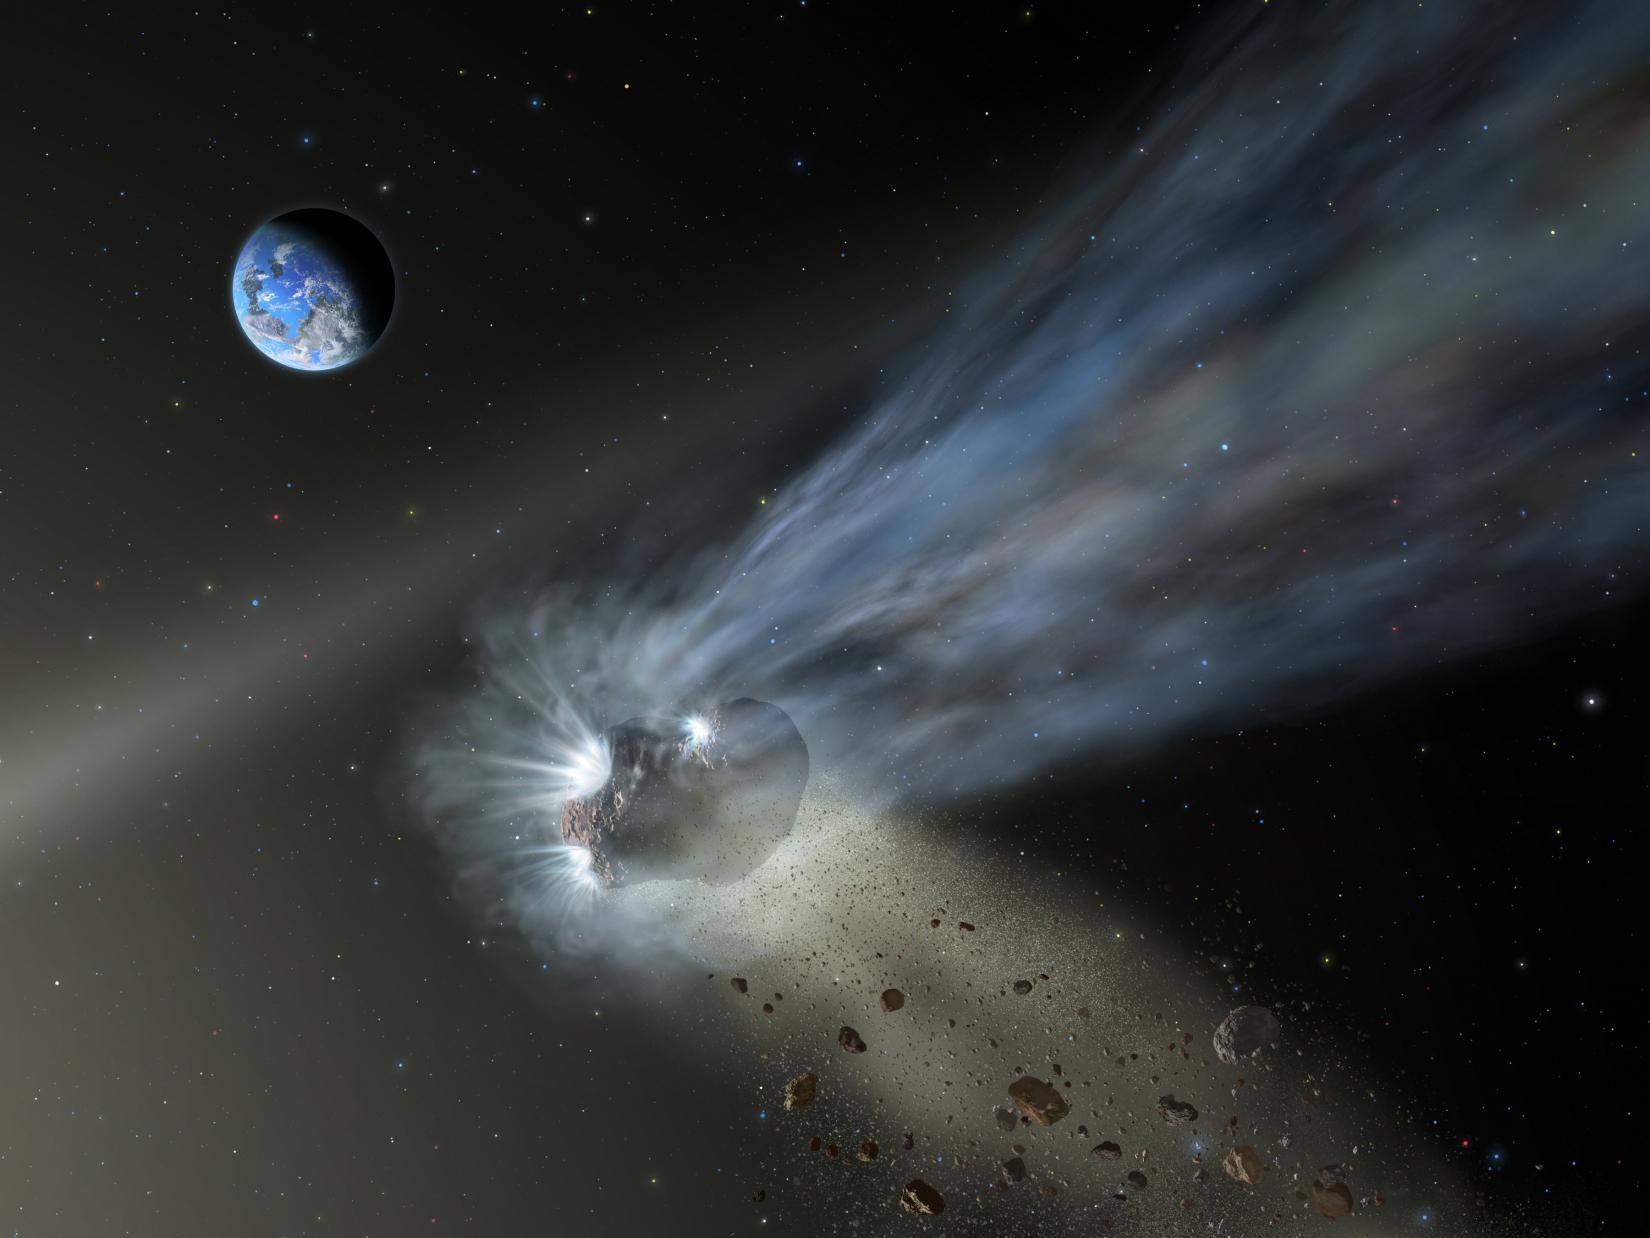 Artist's depiction of Comet C/2012 K1